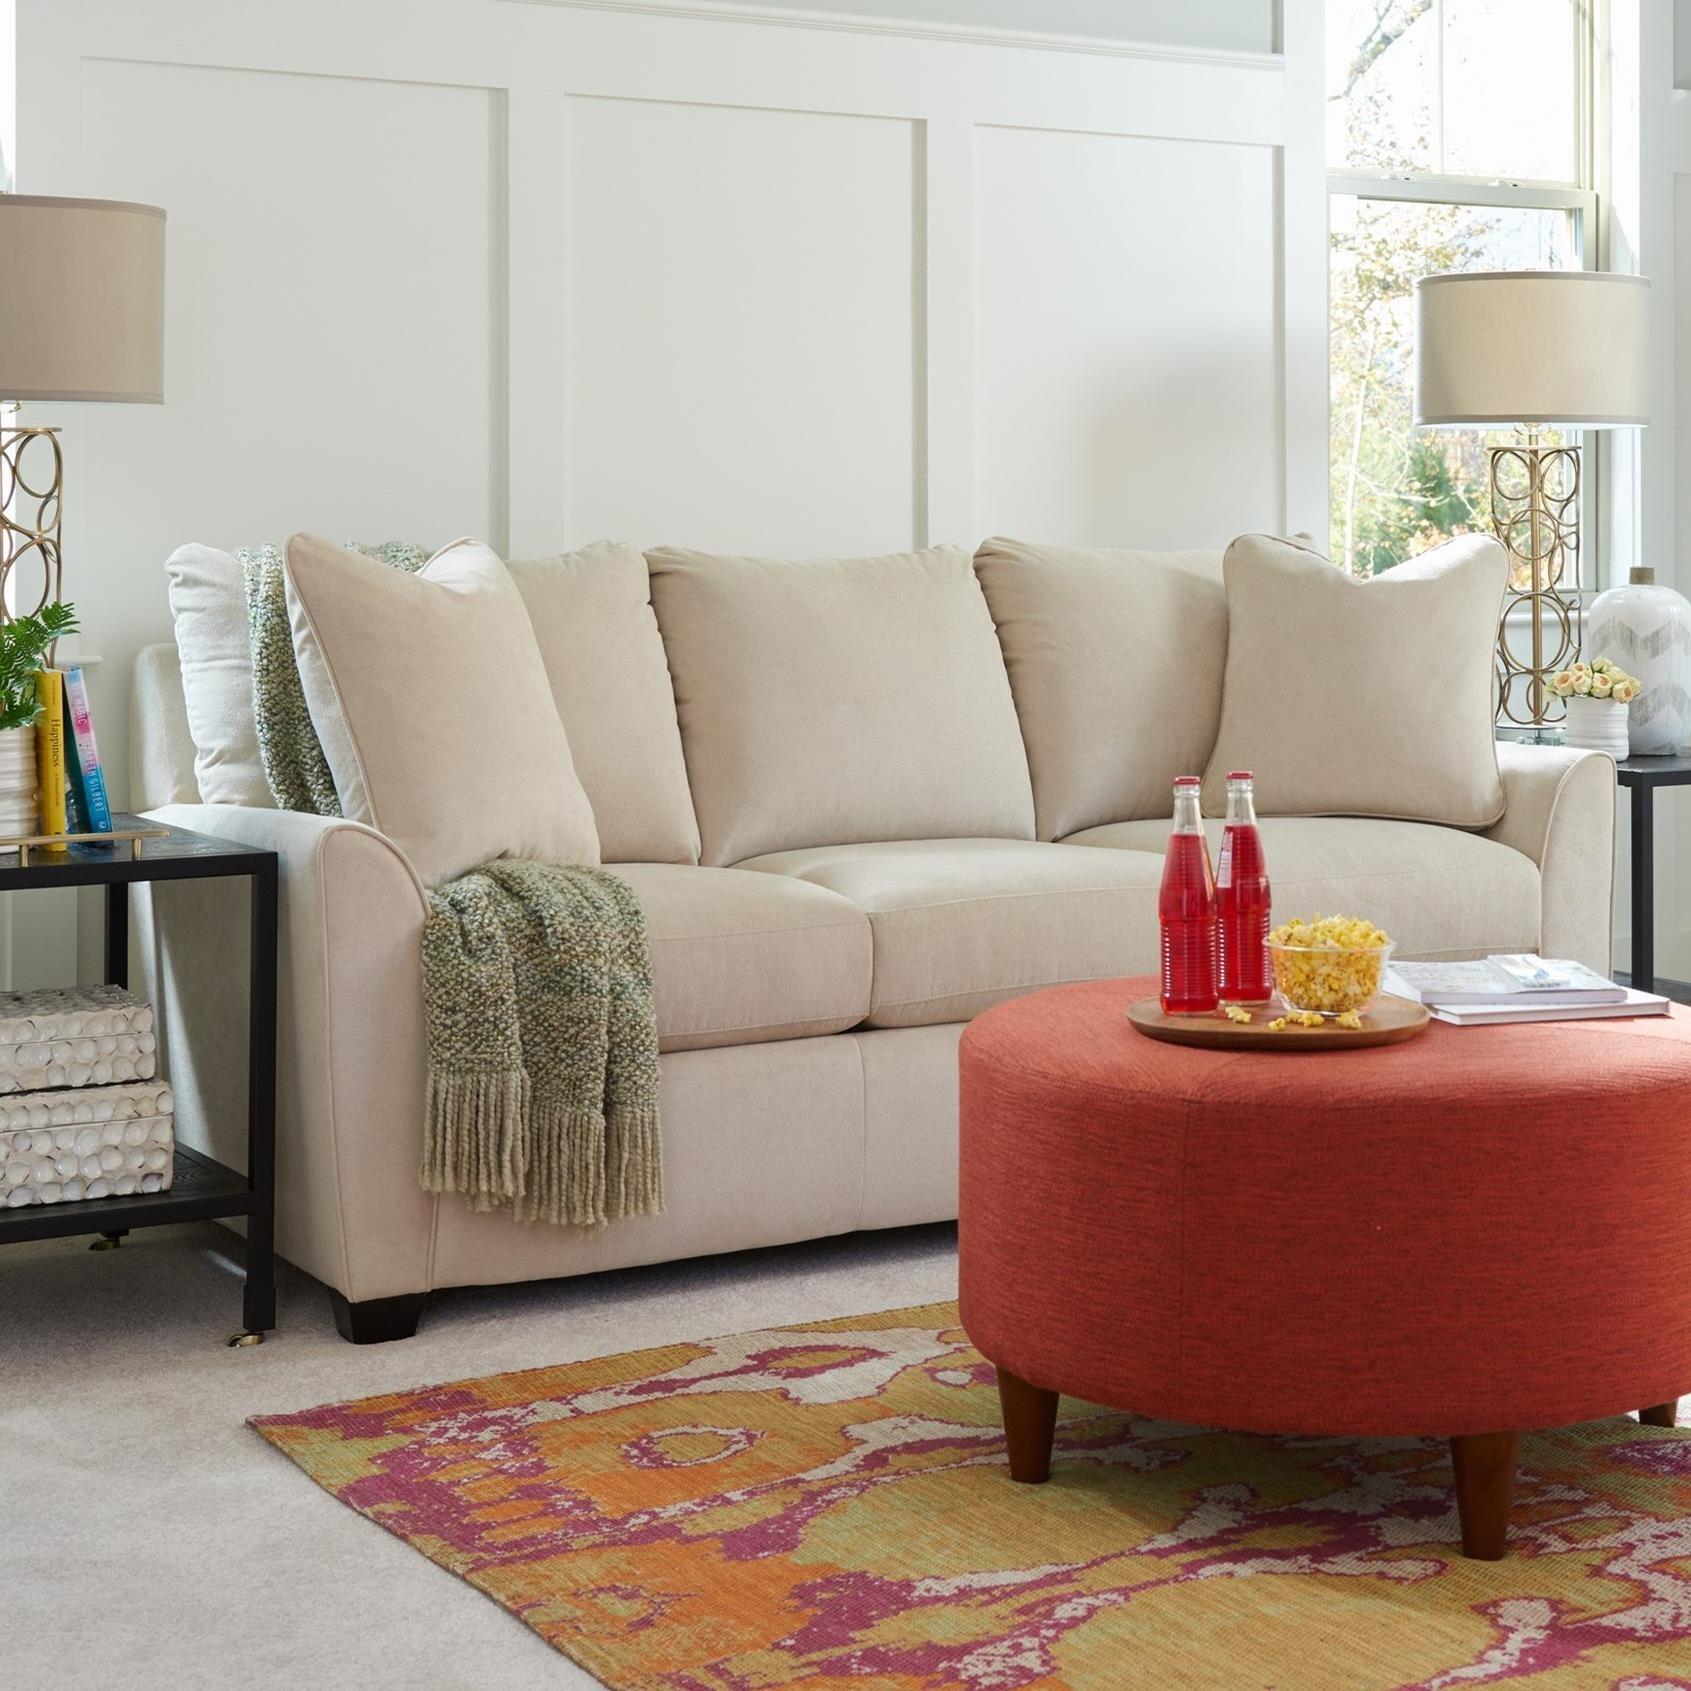 Amy La-Z-Boy® Premier Sofa by La-Z-Boy at Sparks HomeStore